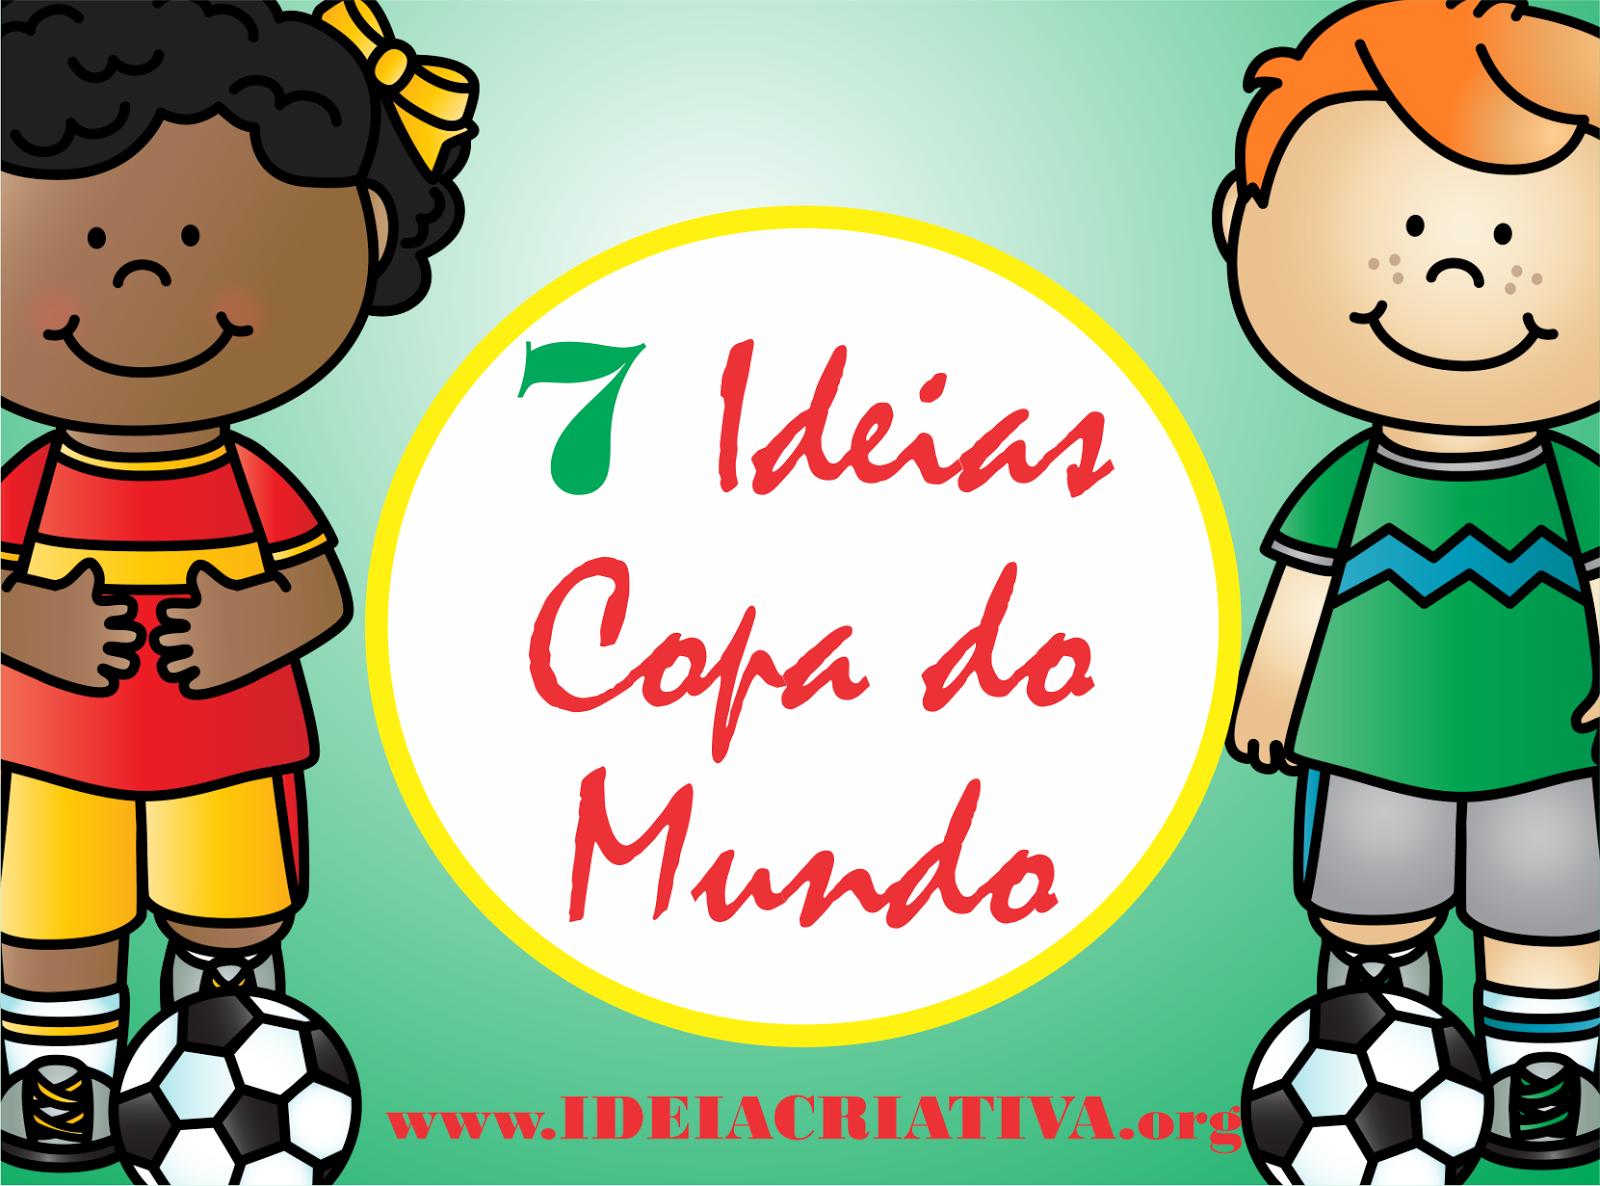 7 Ideias de Atividades interessantes para Copa do Mundo